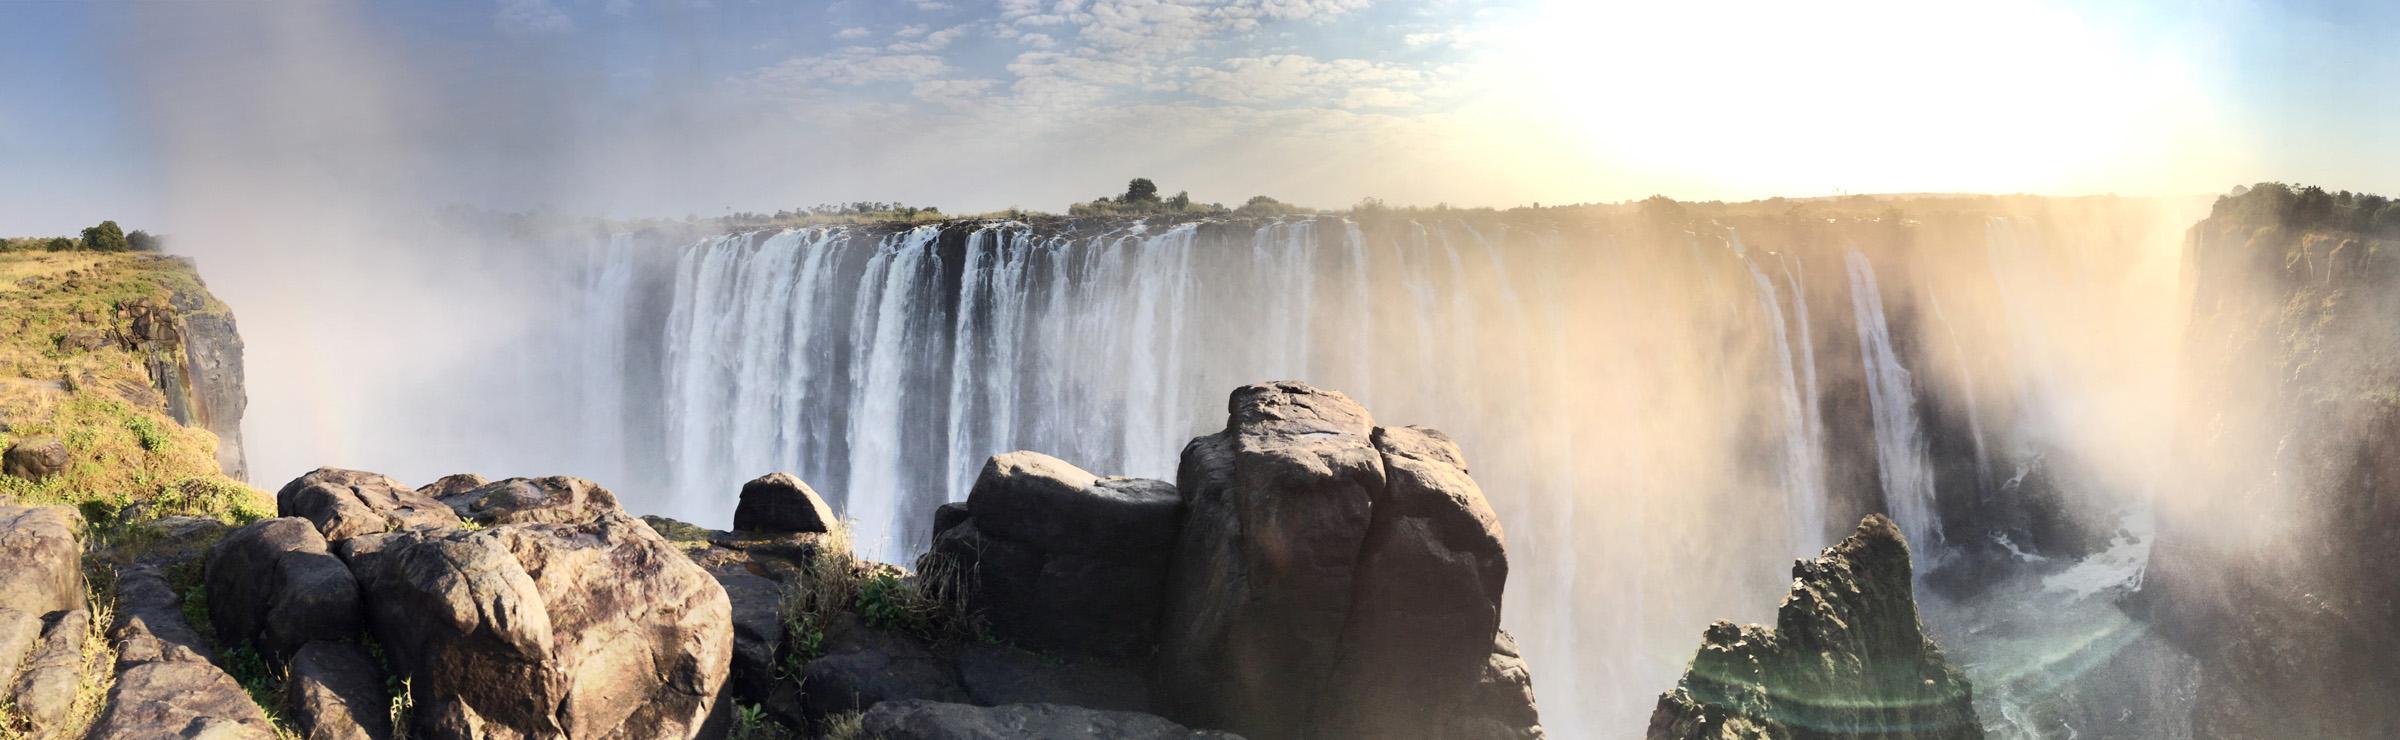 Victoria Falls, ZImbabwe - by Nick Dawson